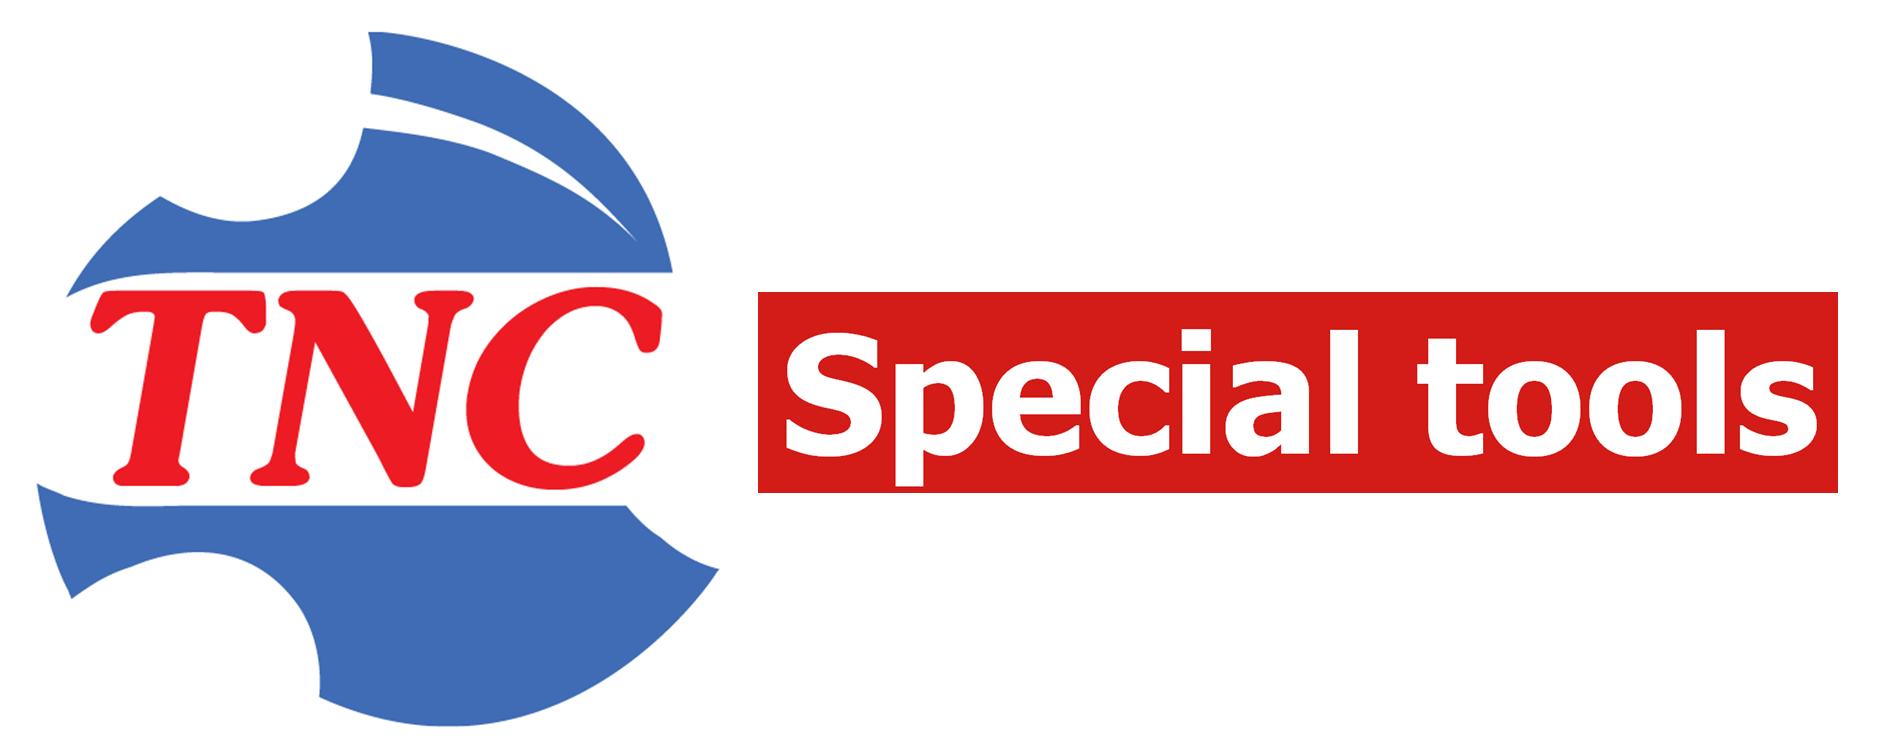 TNC Special tools